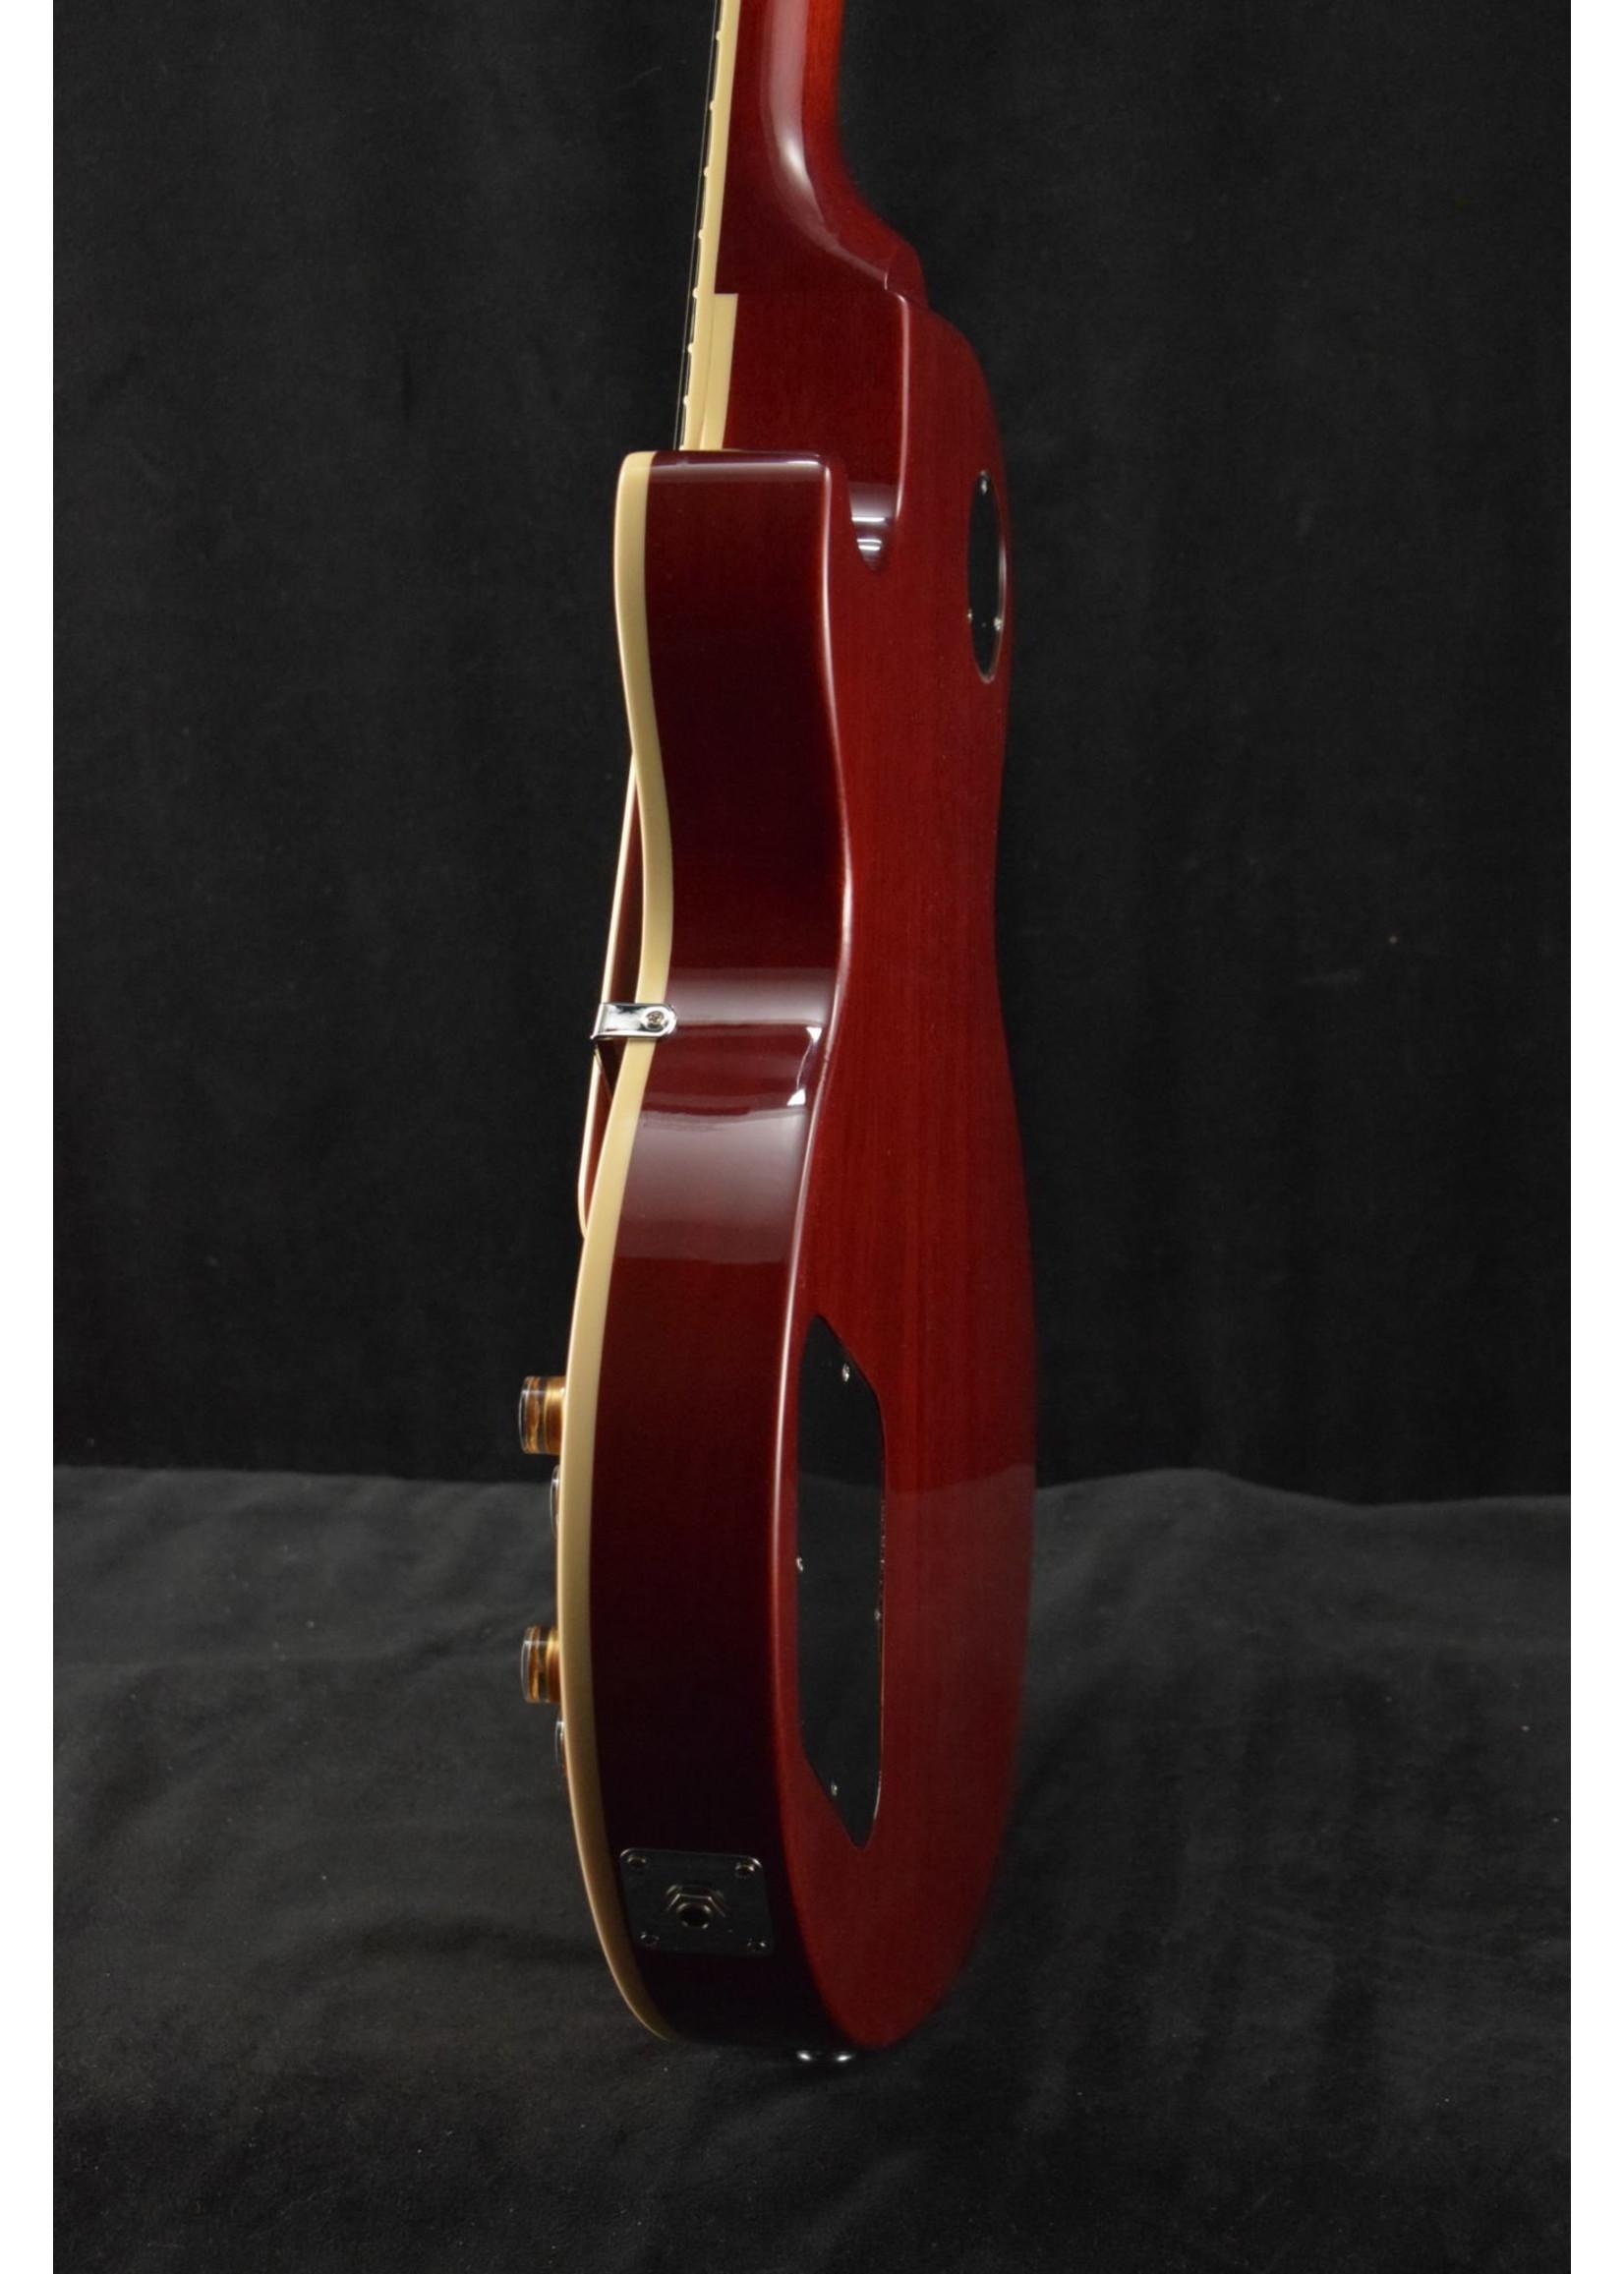 Gibson Gibson Les Paul 70s Deluxe 70s Cherry Sunburst